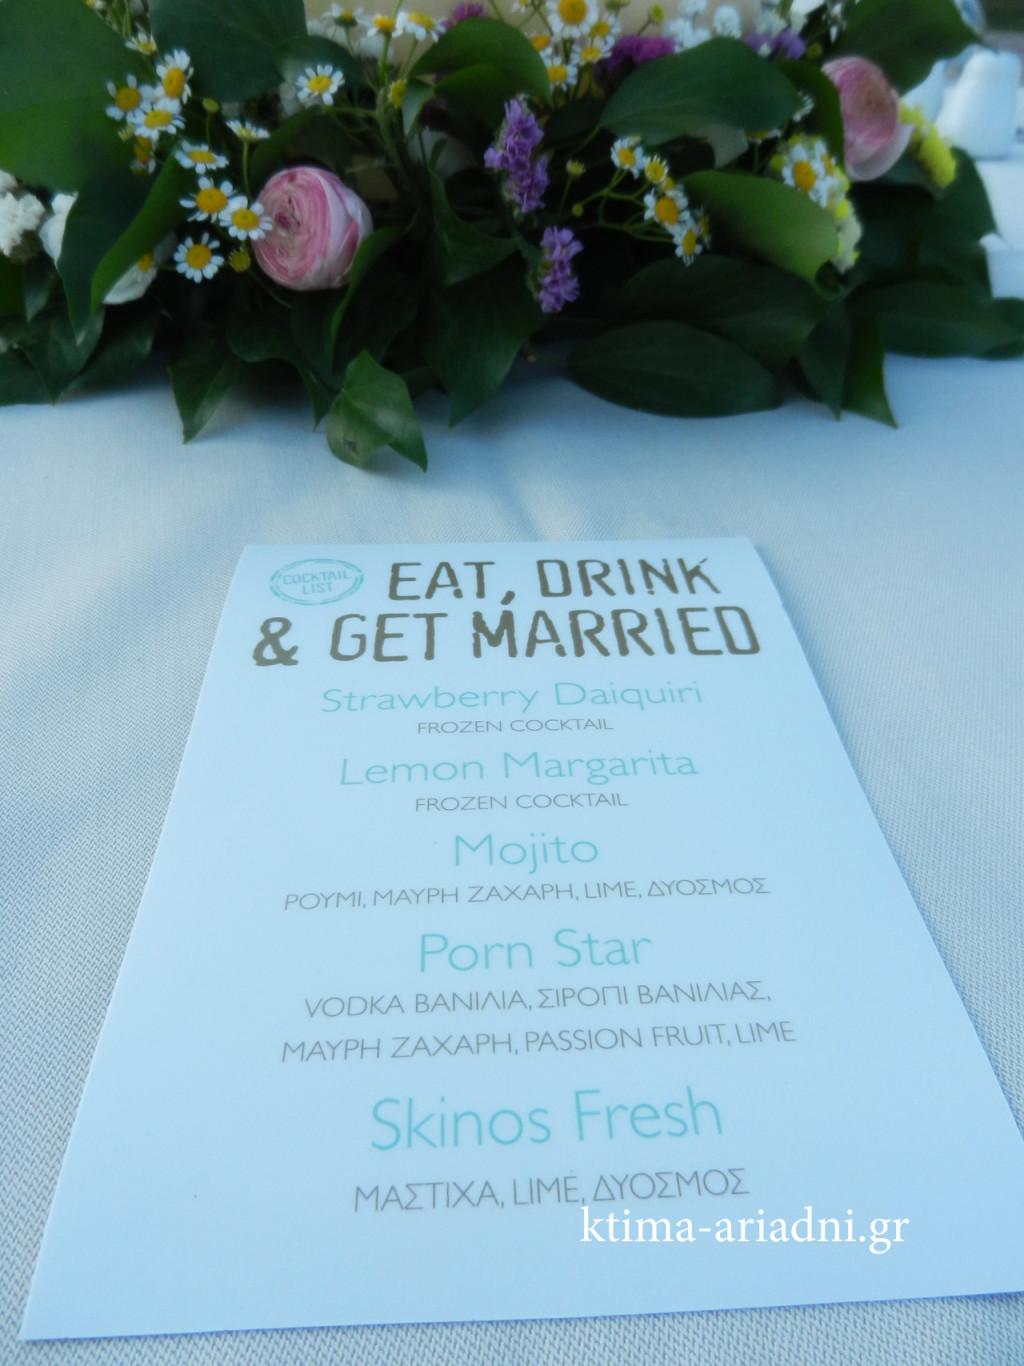 Το μενού με τα ιδιαίτερα ποτά και cocktails της βραδιάς. Σύνθημα του ζευγαριού... Eat, Drink and Get Married